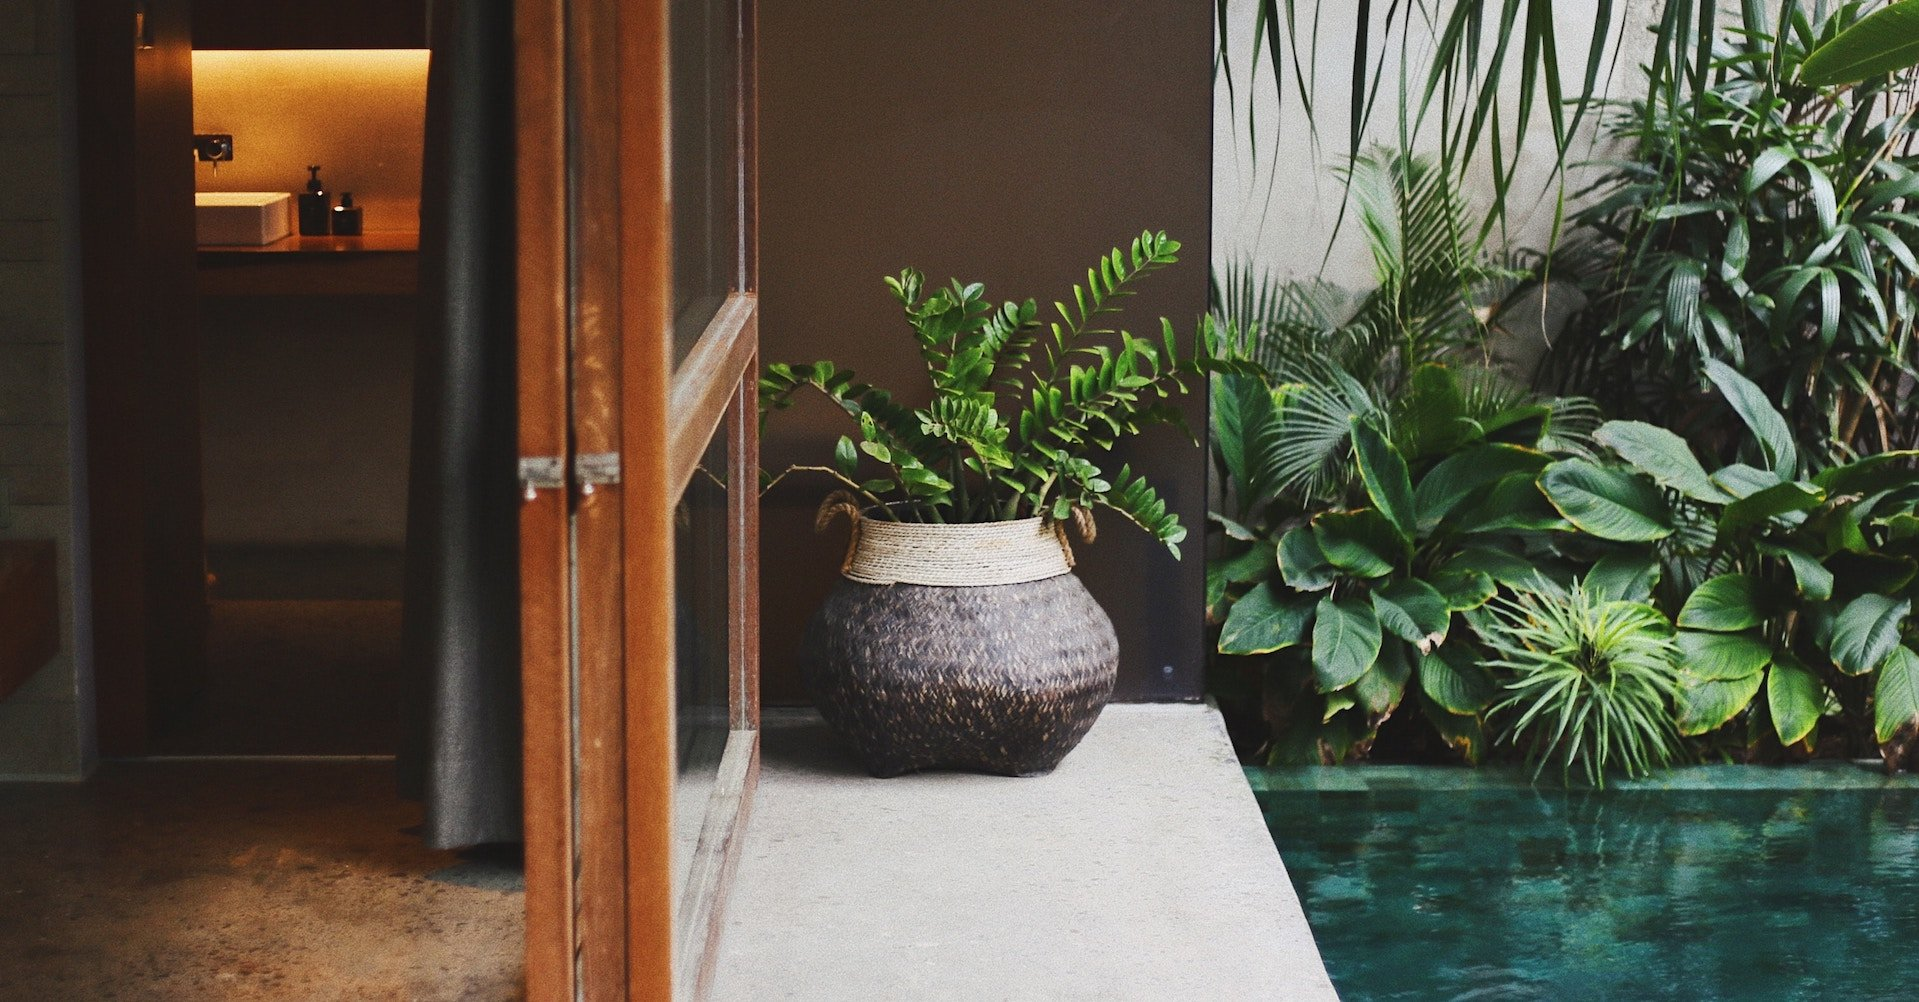 Grüne Pflanzen in einem Raum